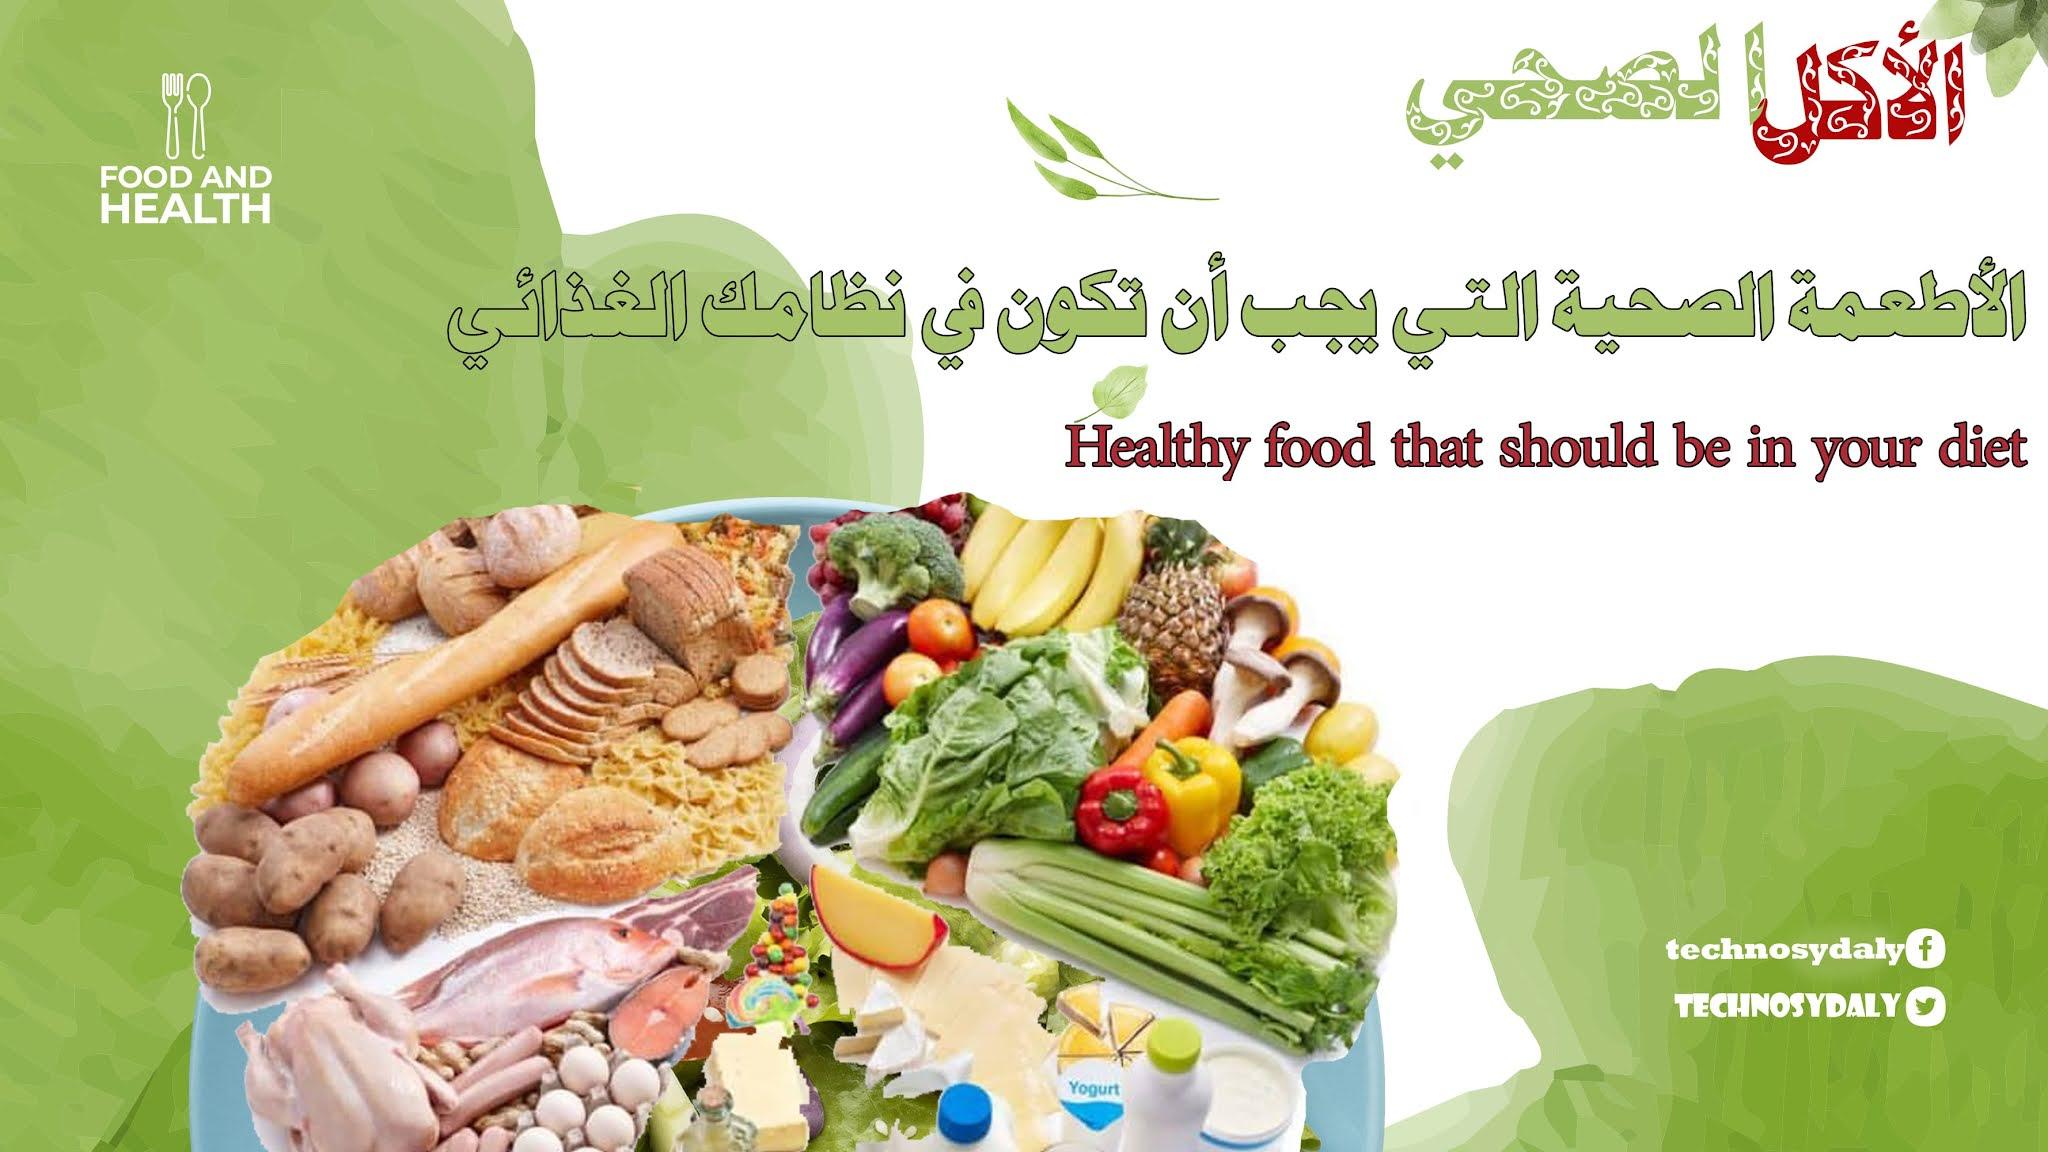 الأطعمة الصحية التي يجب أن تكون في نظامك الغذائي Healthy foods that should be in your diet